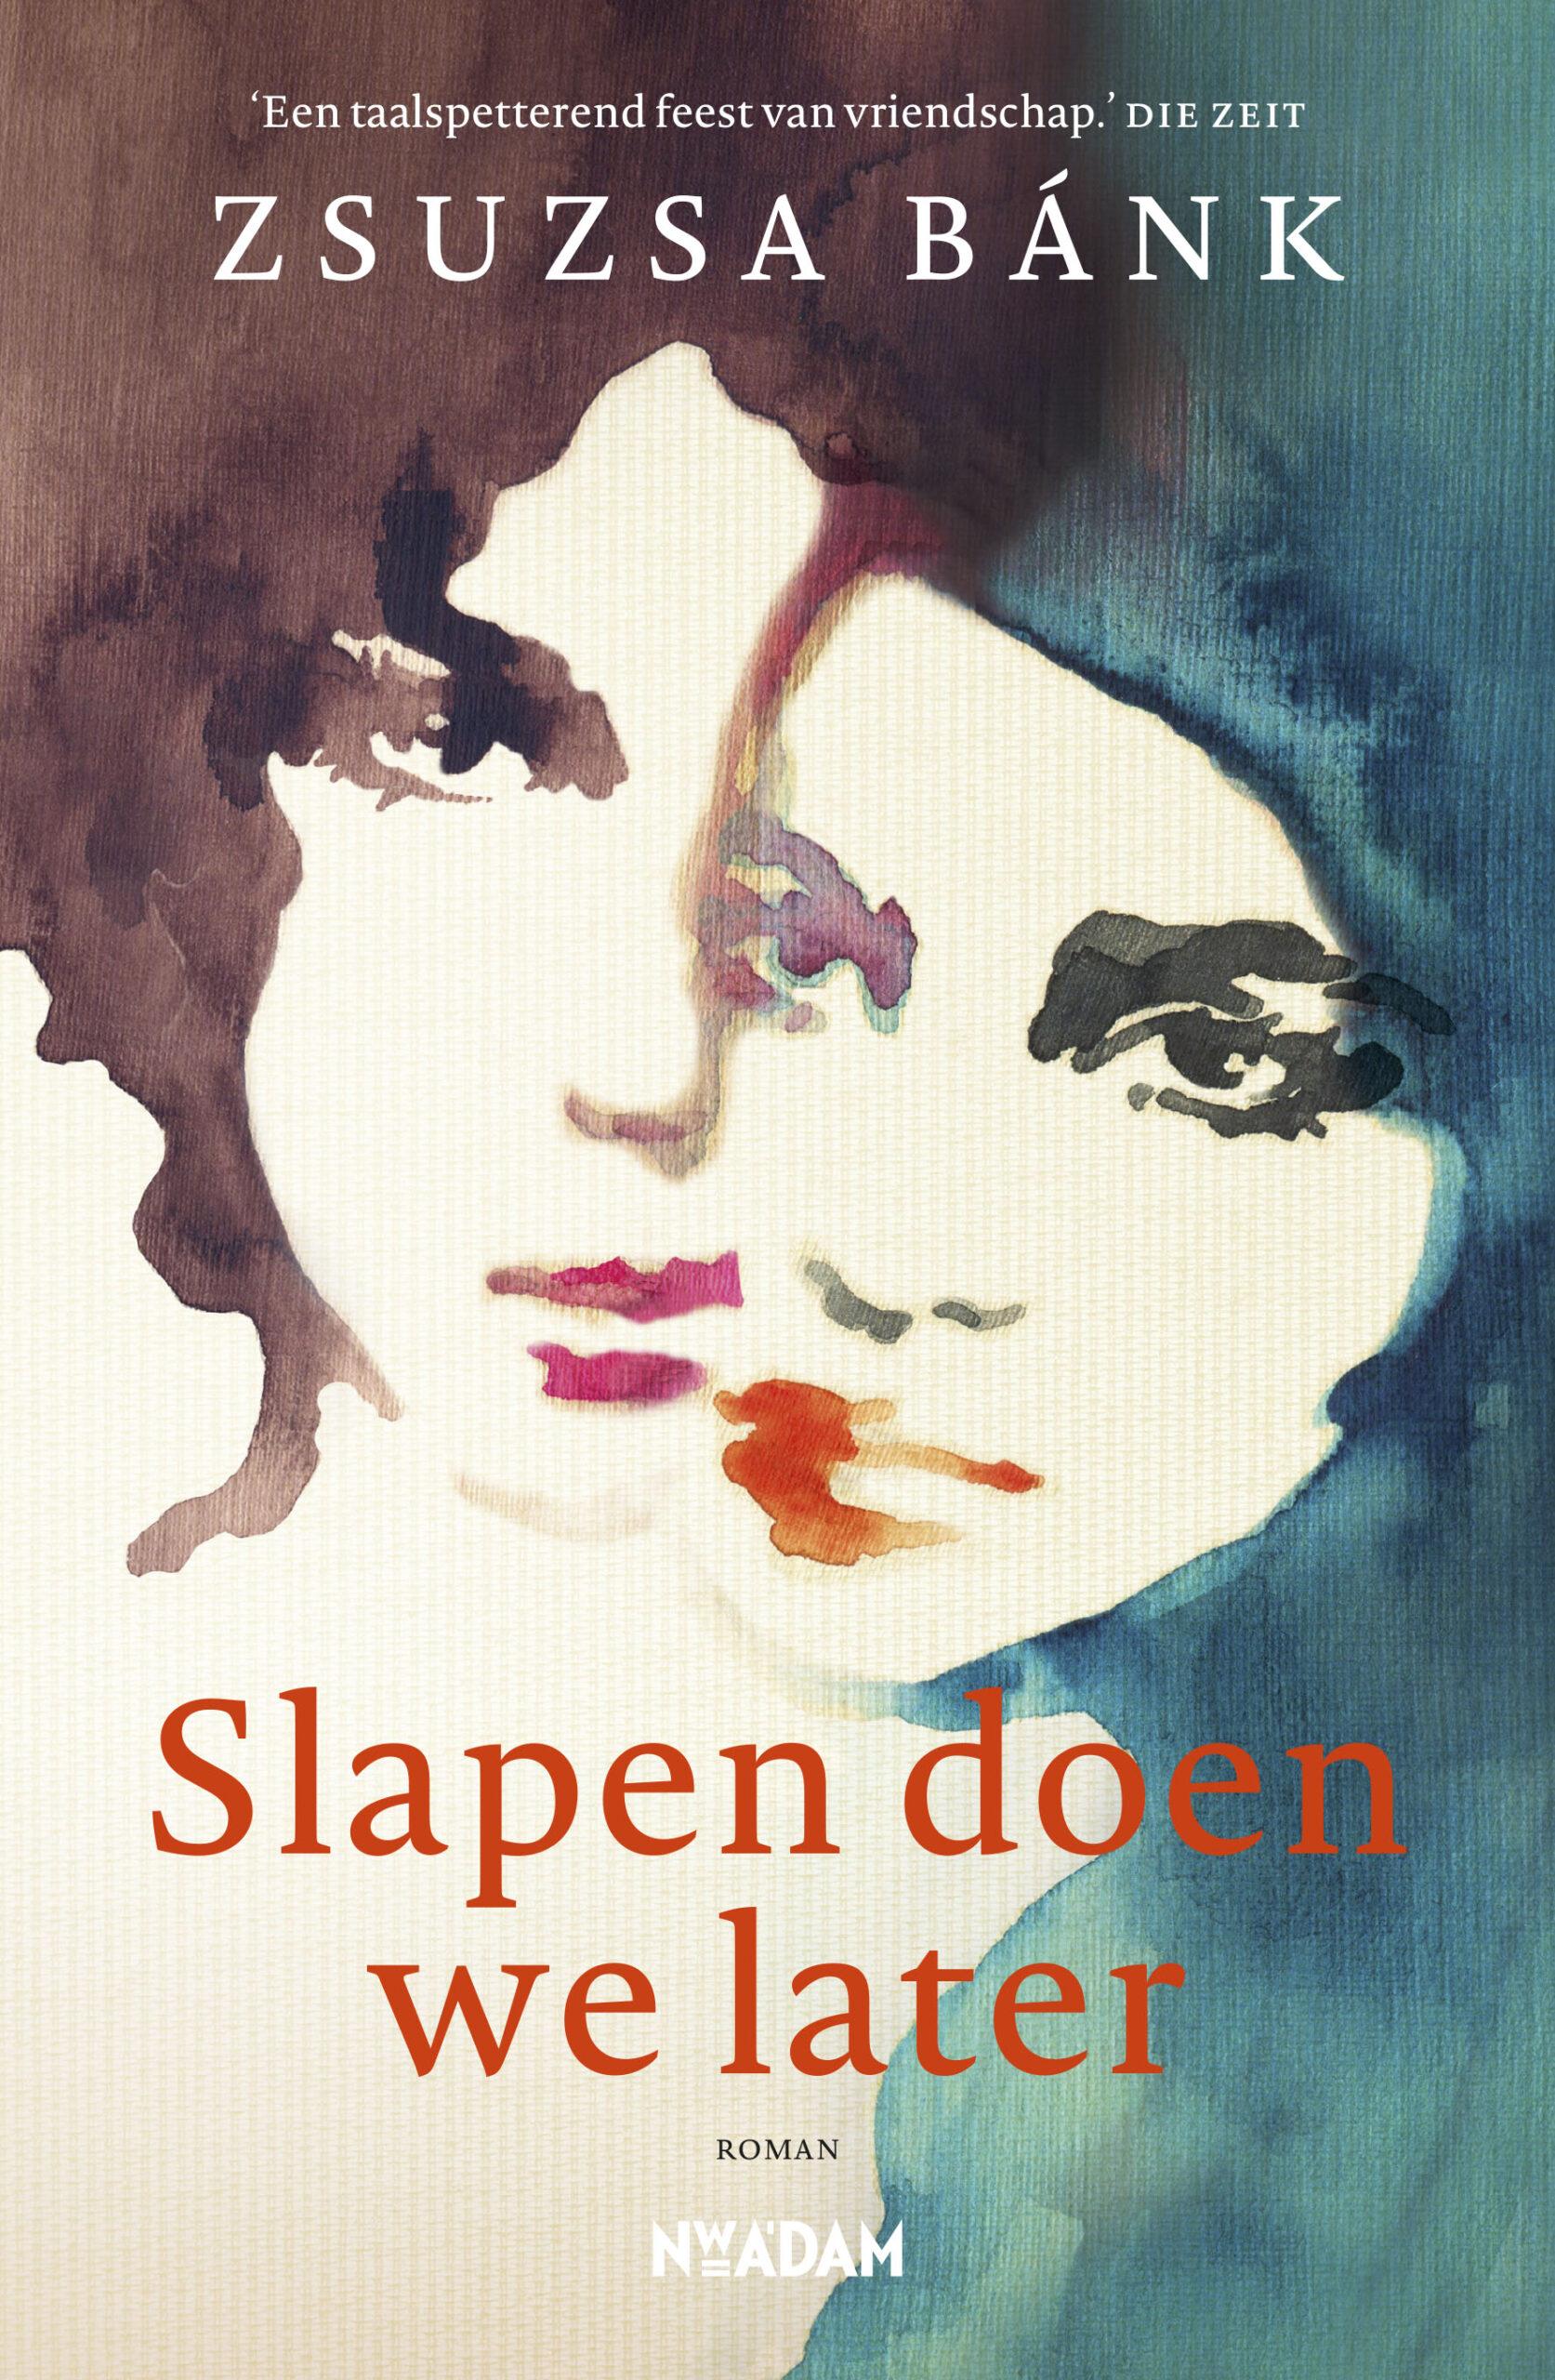 Slapen doen we later - boekenflits.nl